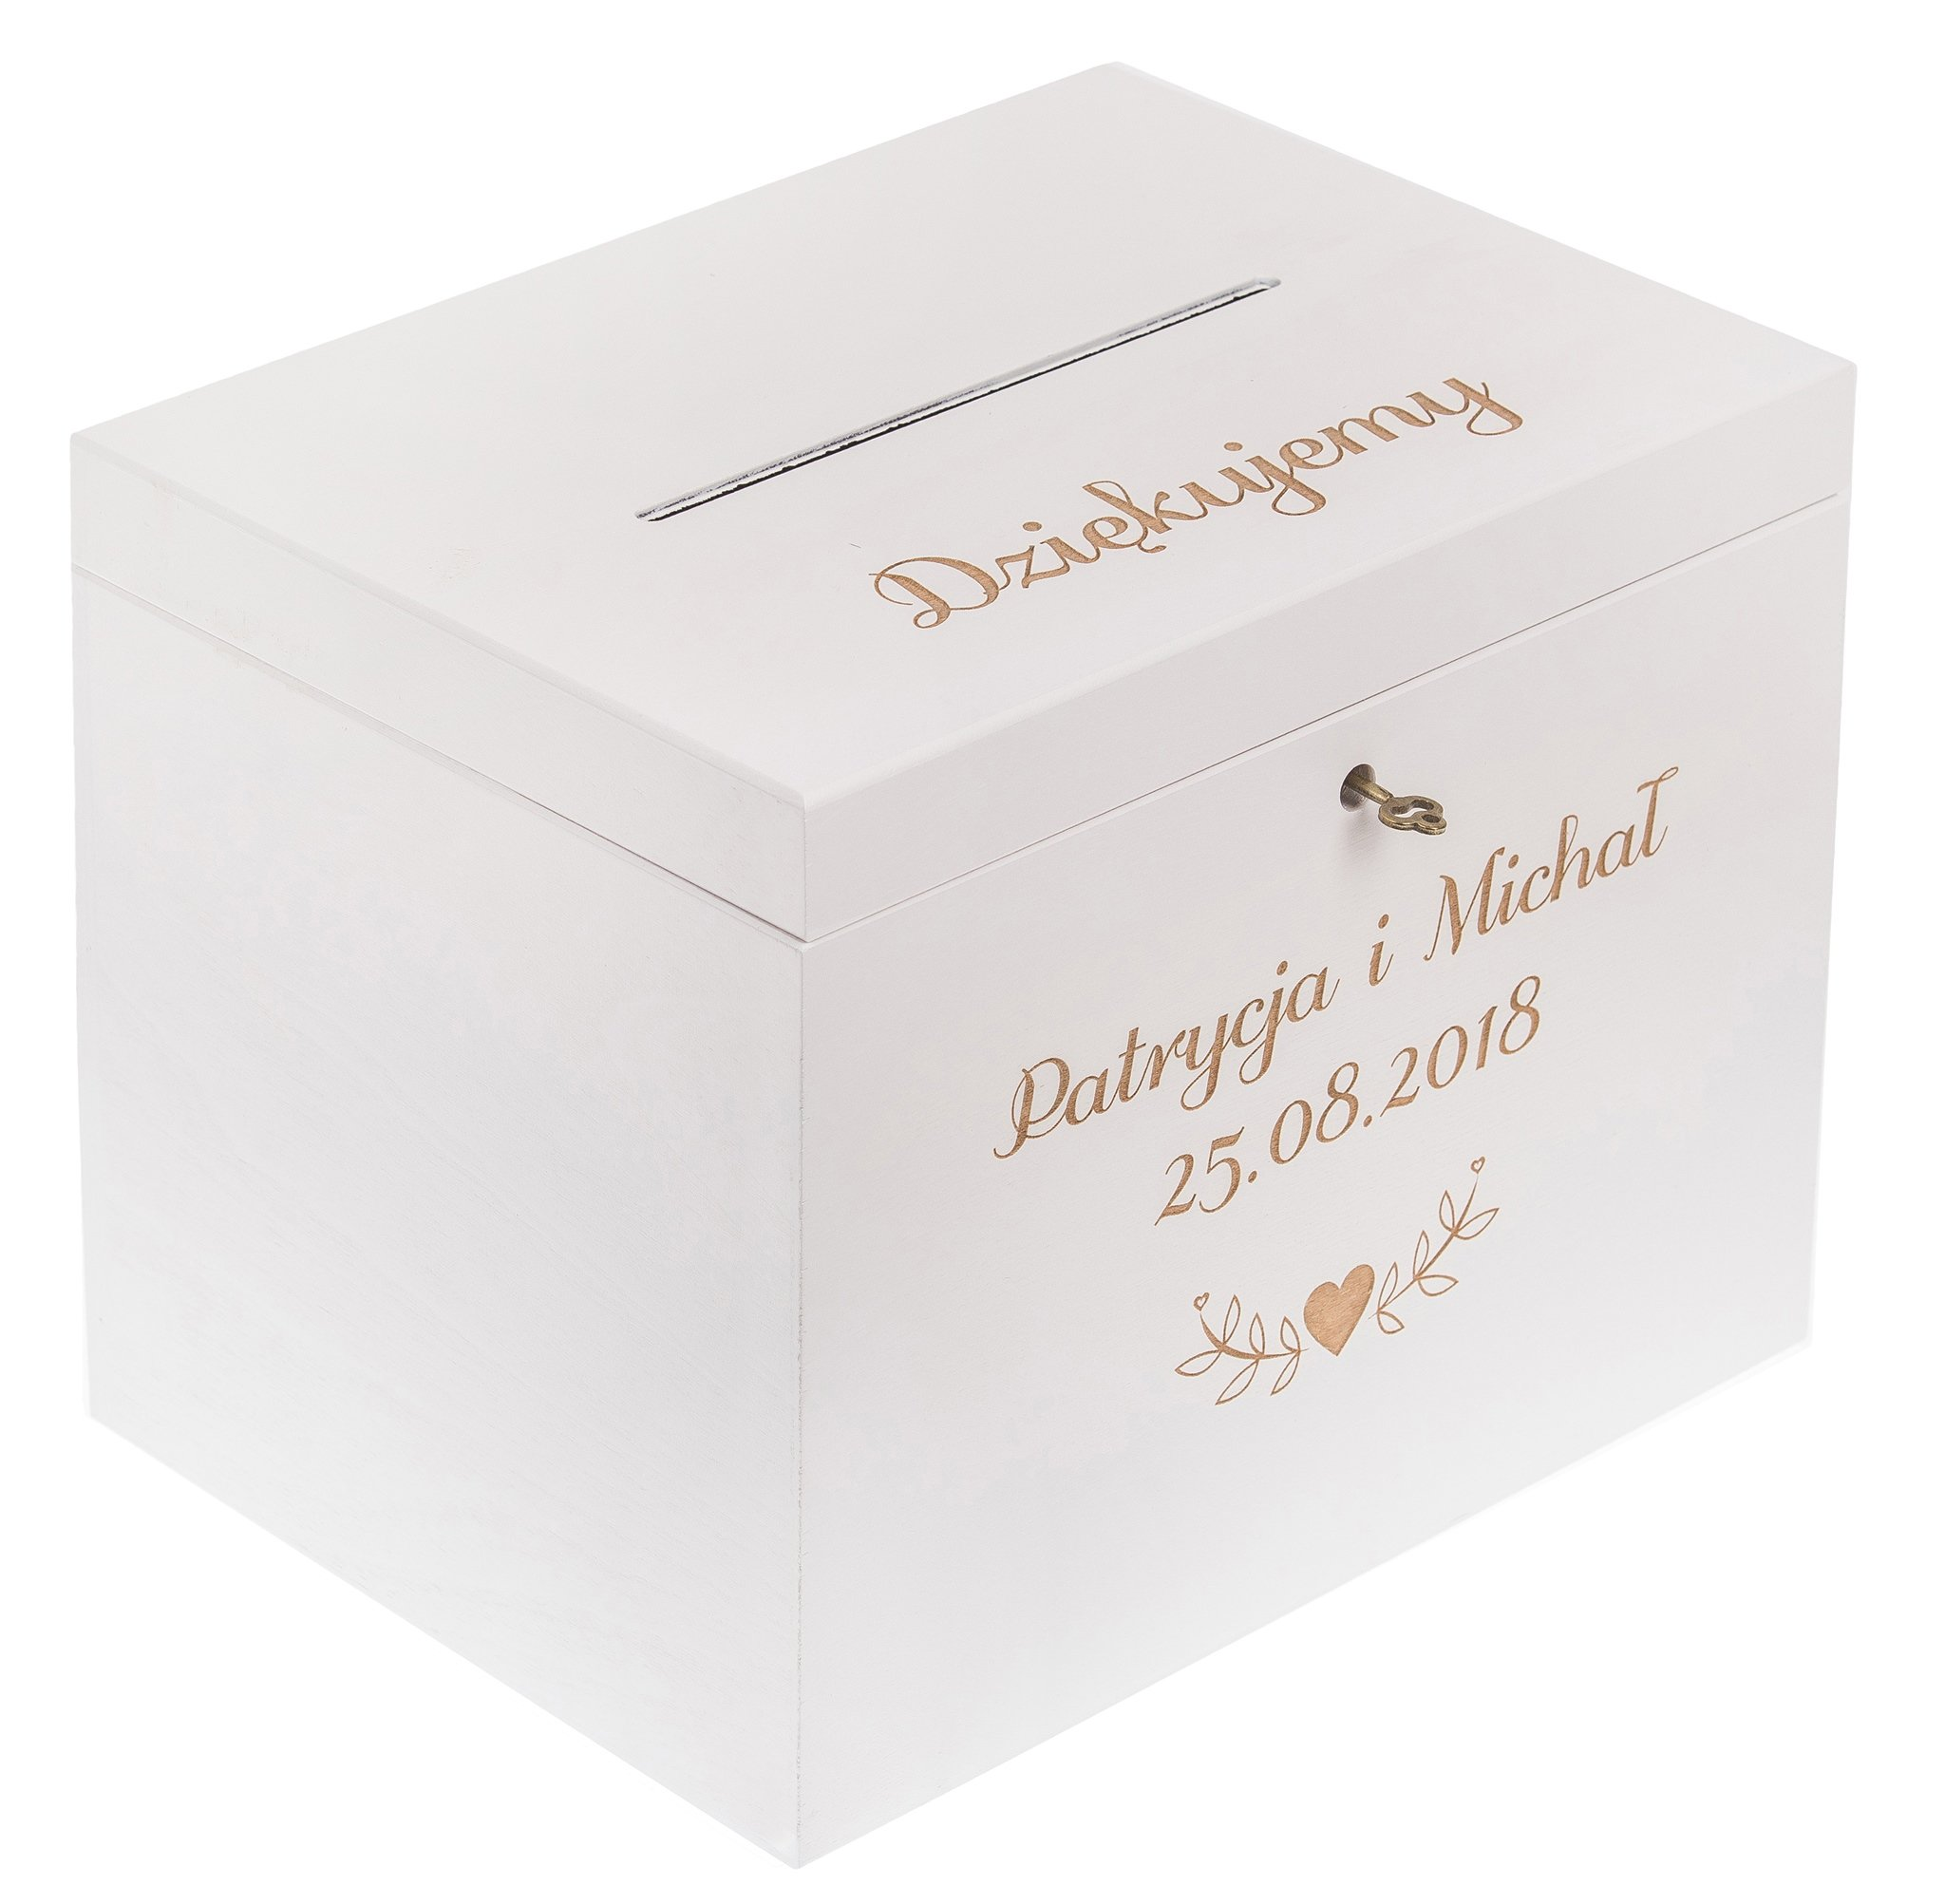 пудель ящик на конверты свадьба поздравление свадьба